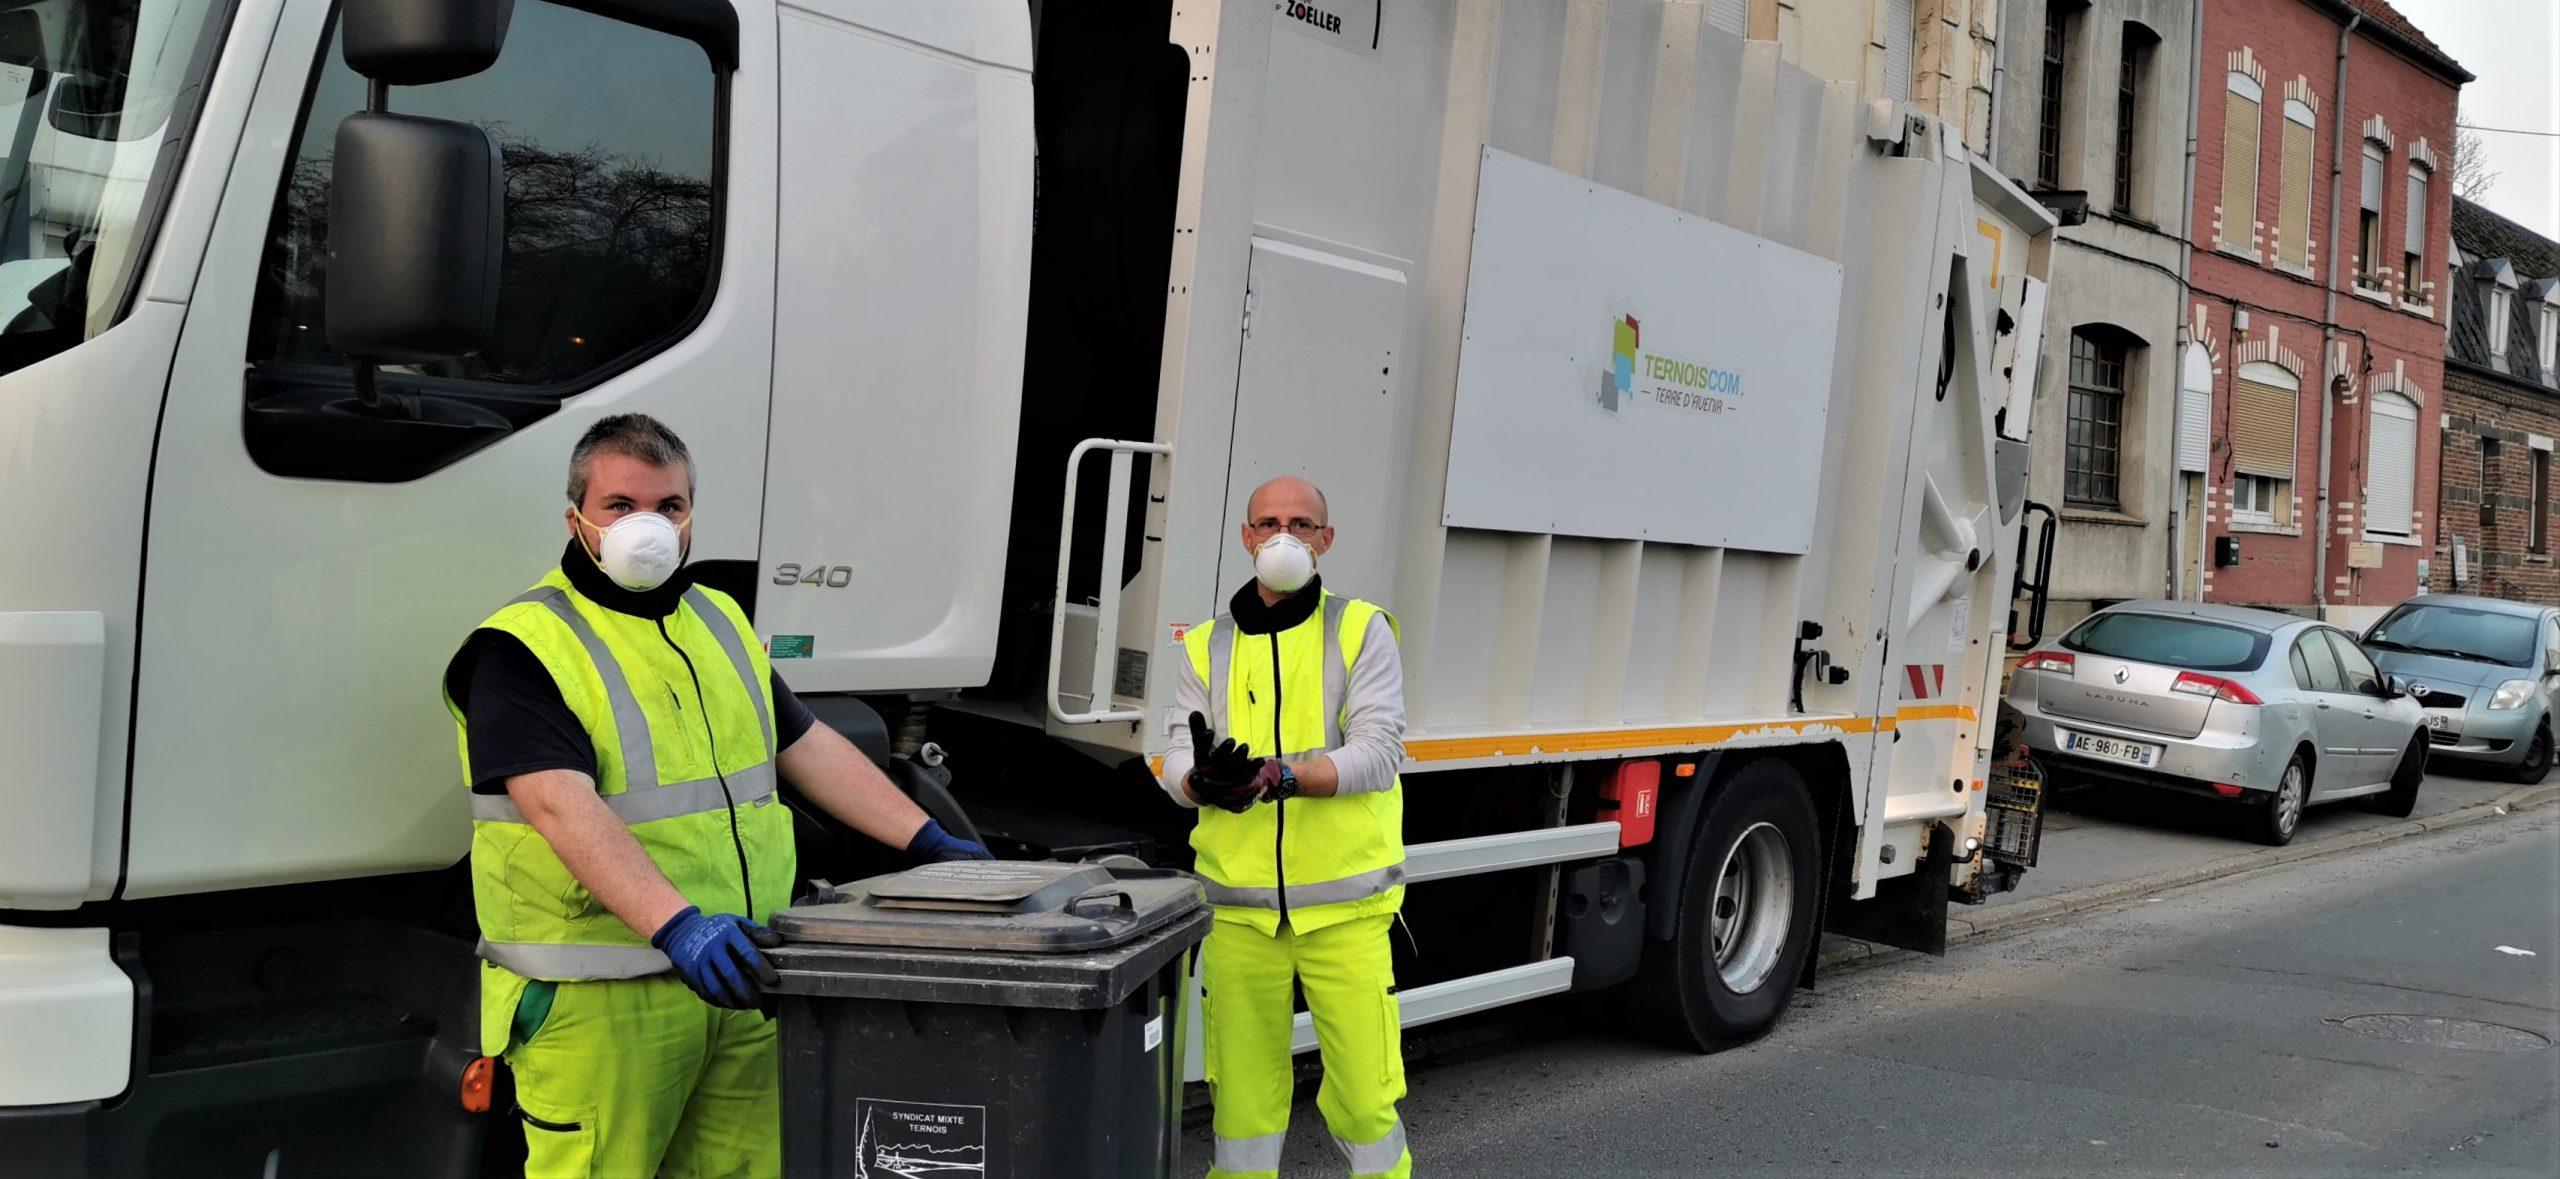 Les agents de TernoisCom toujours mobilisés pour assurer la collecte des déchets